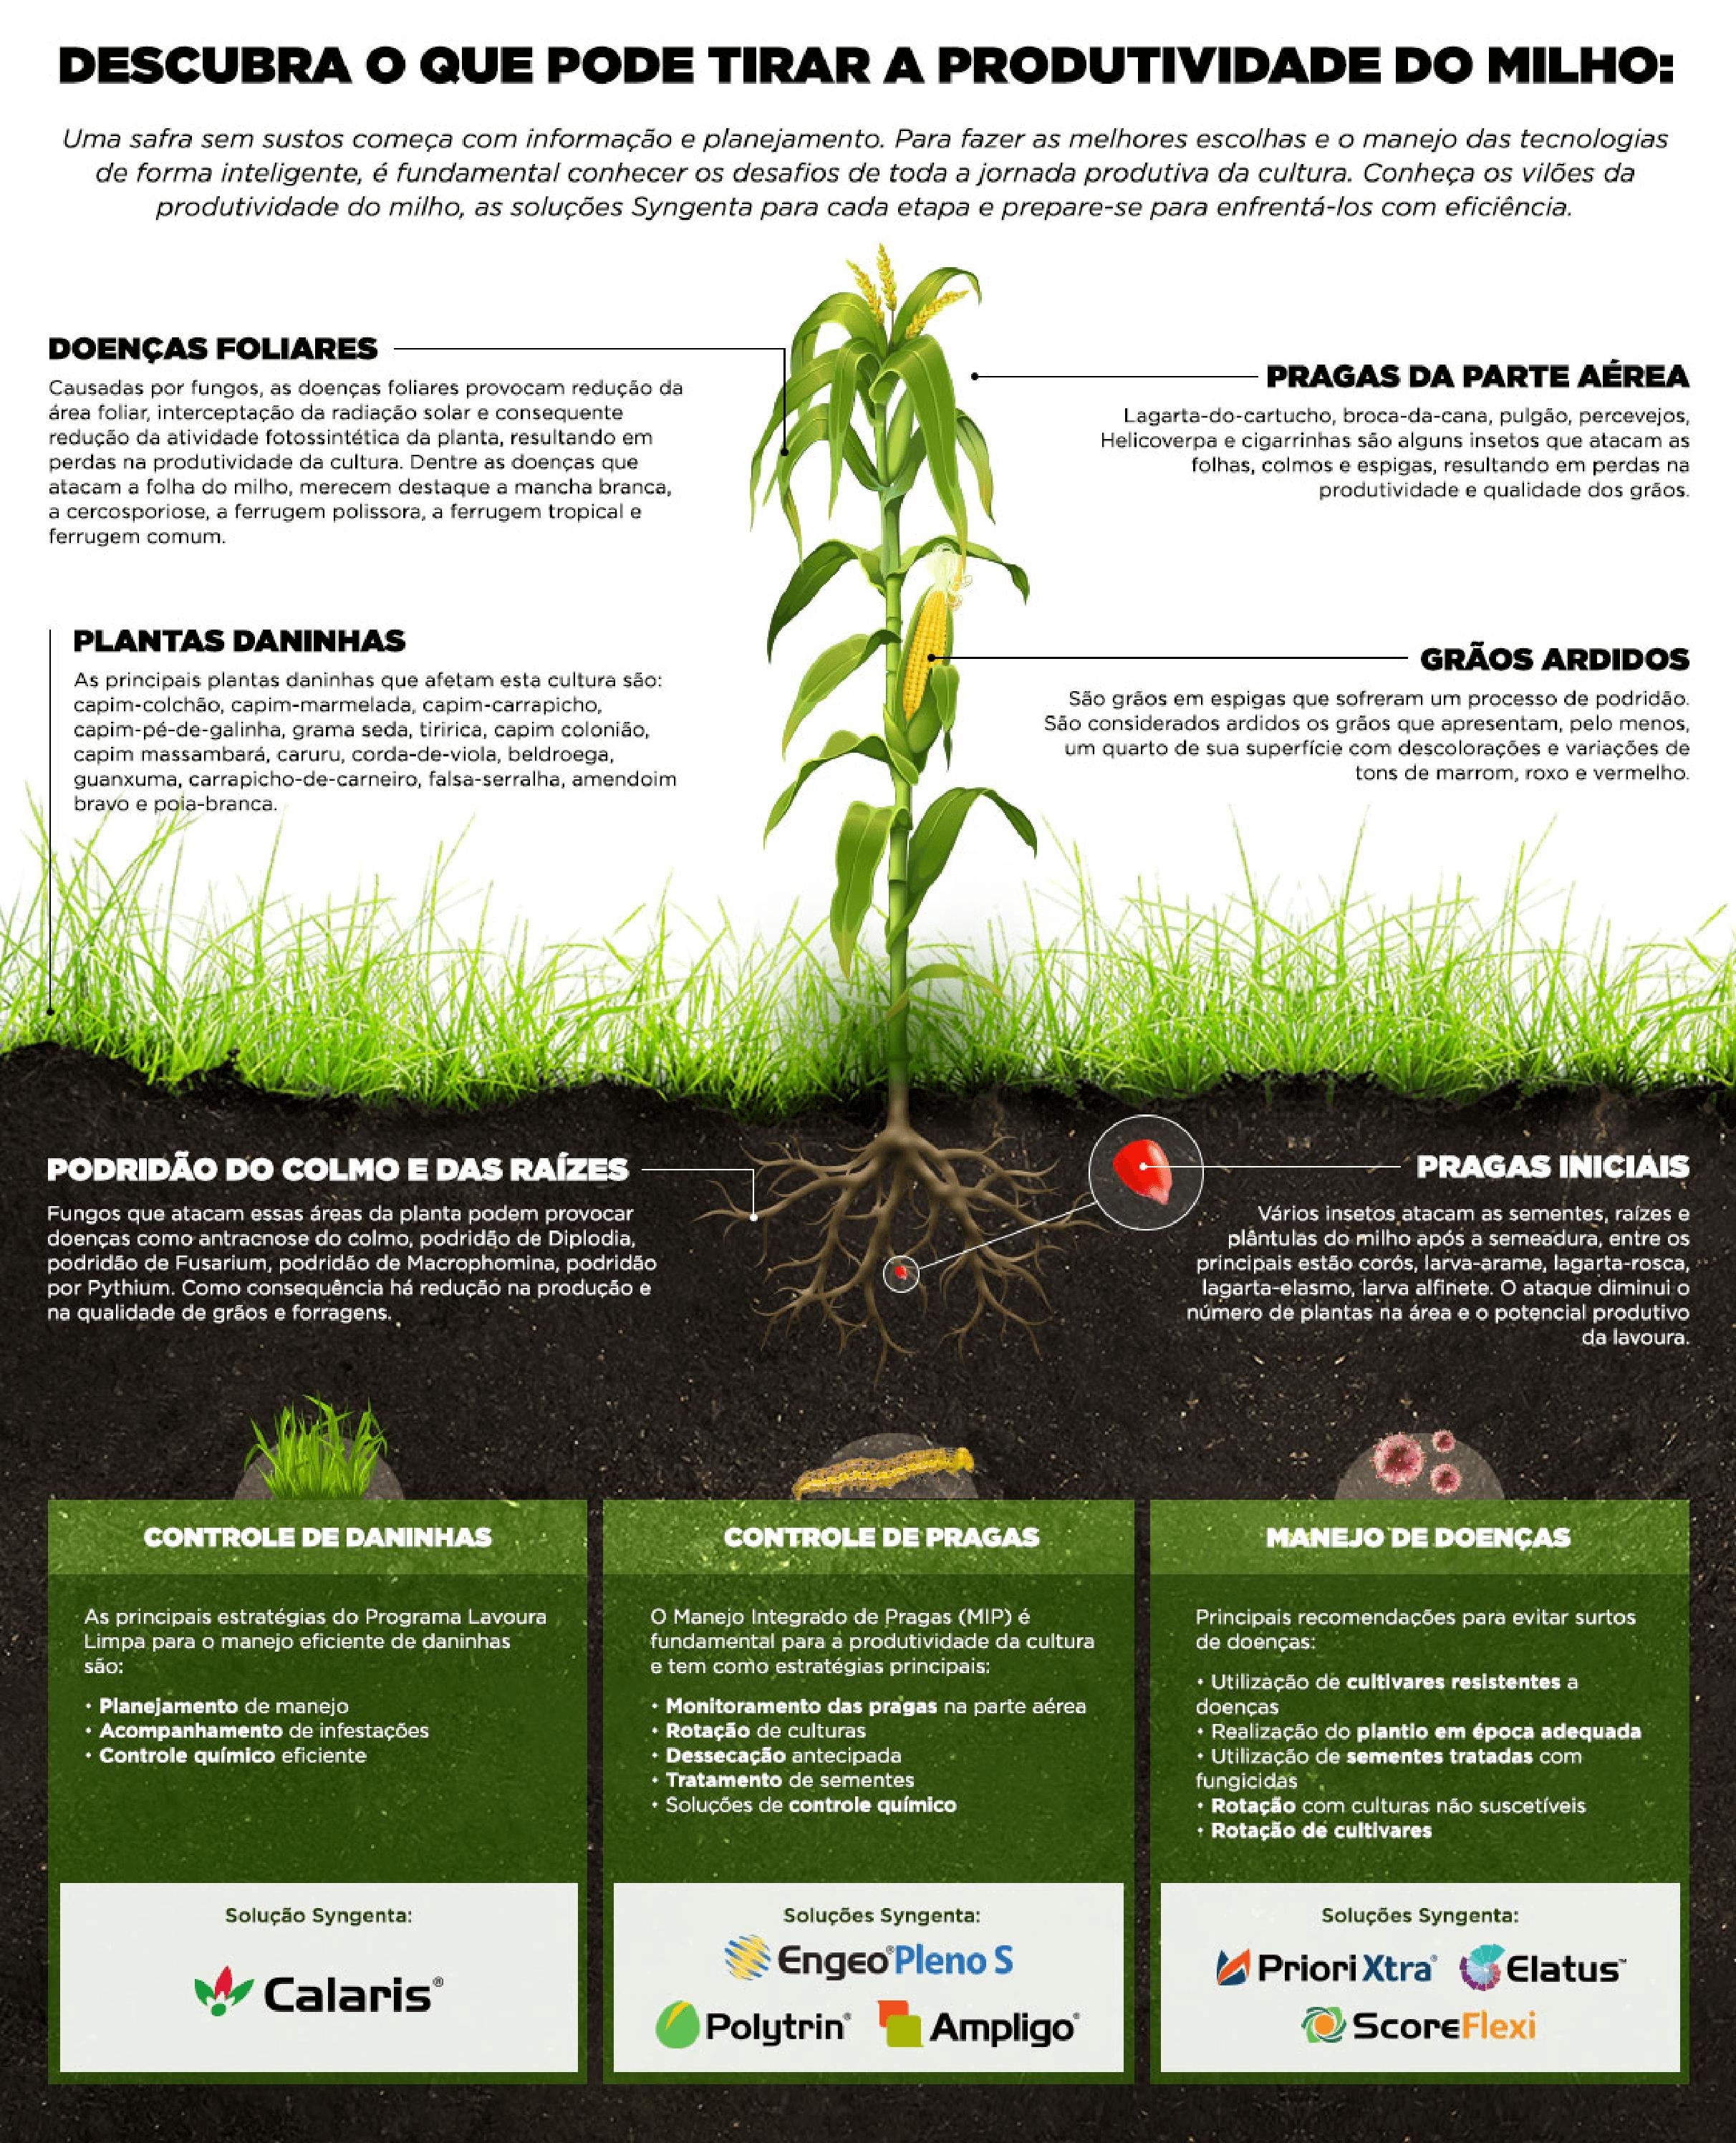 Descubra o que pode tirar a produtividade do milho.